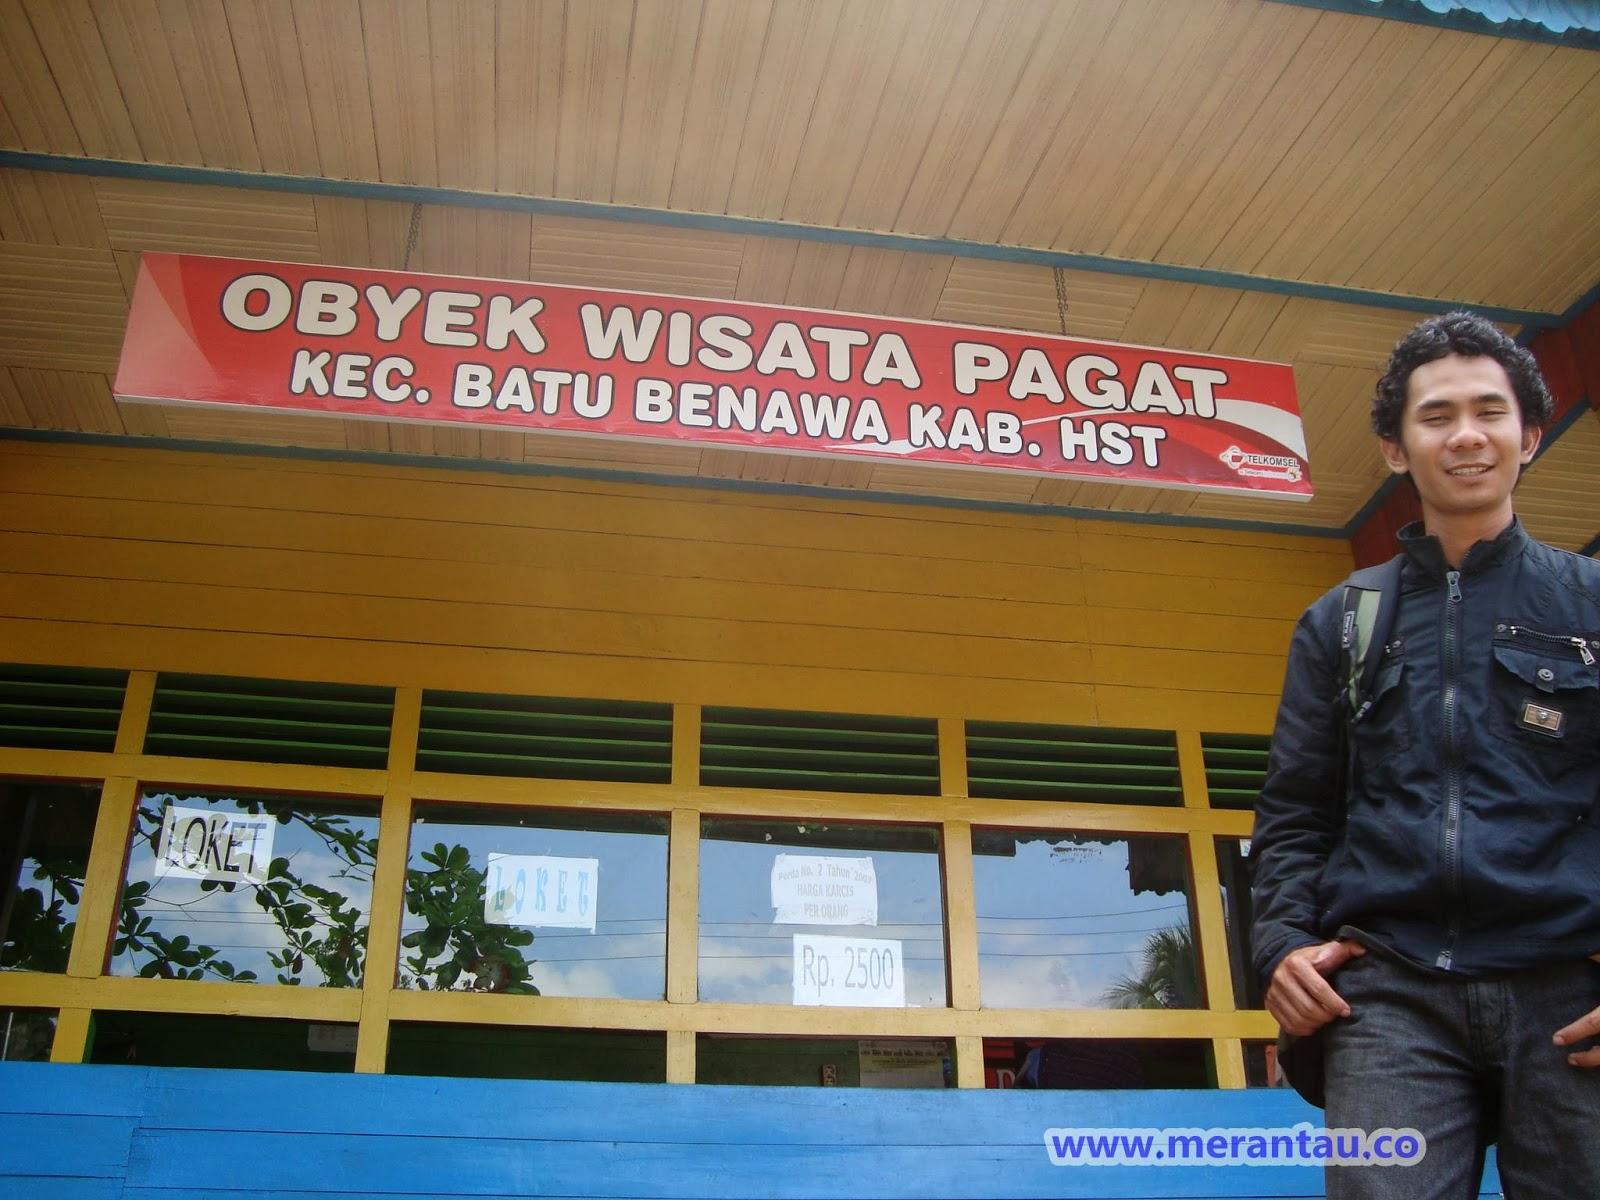 Harga tiket masuk wisata pagat Barabai